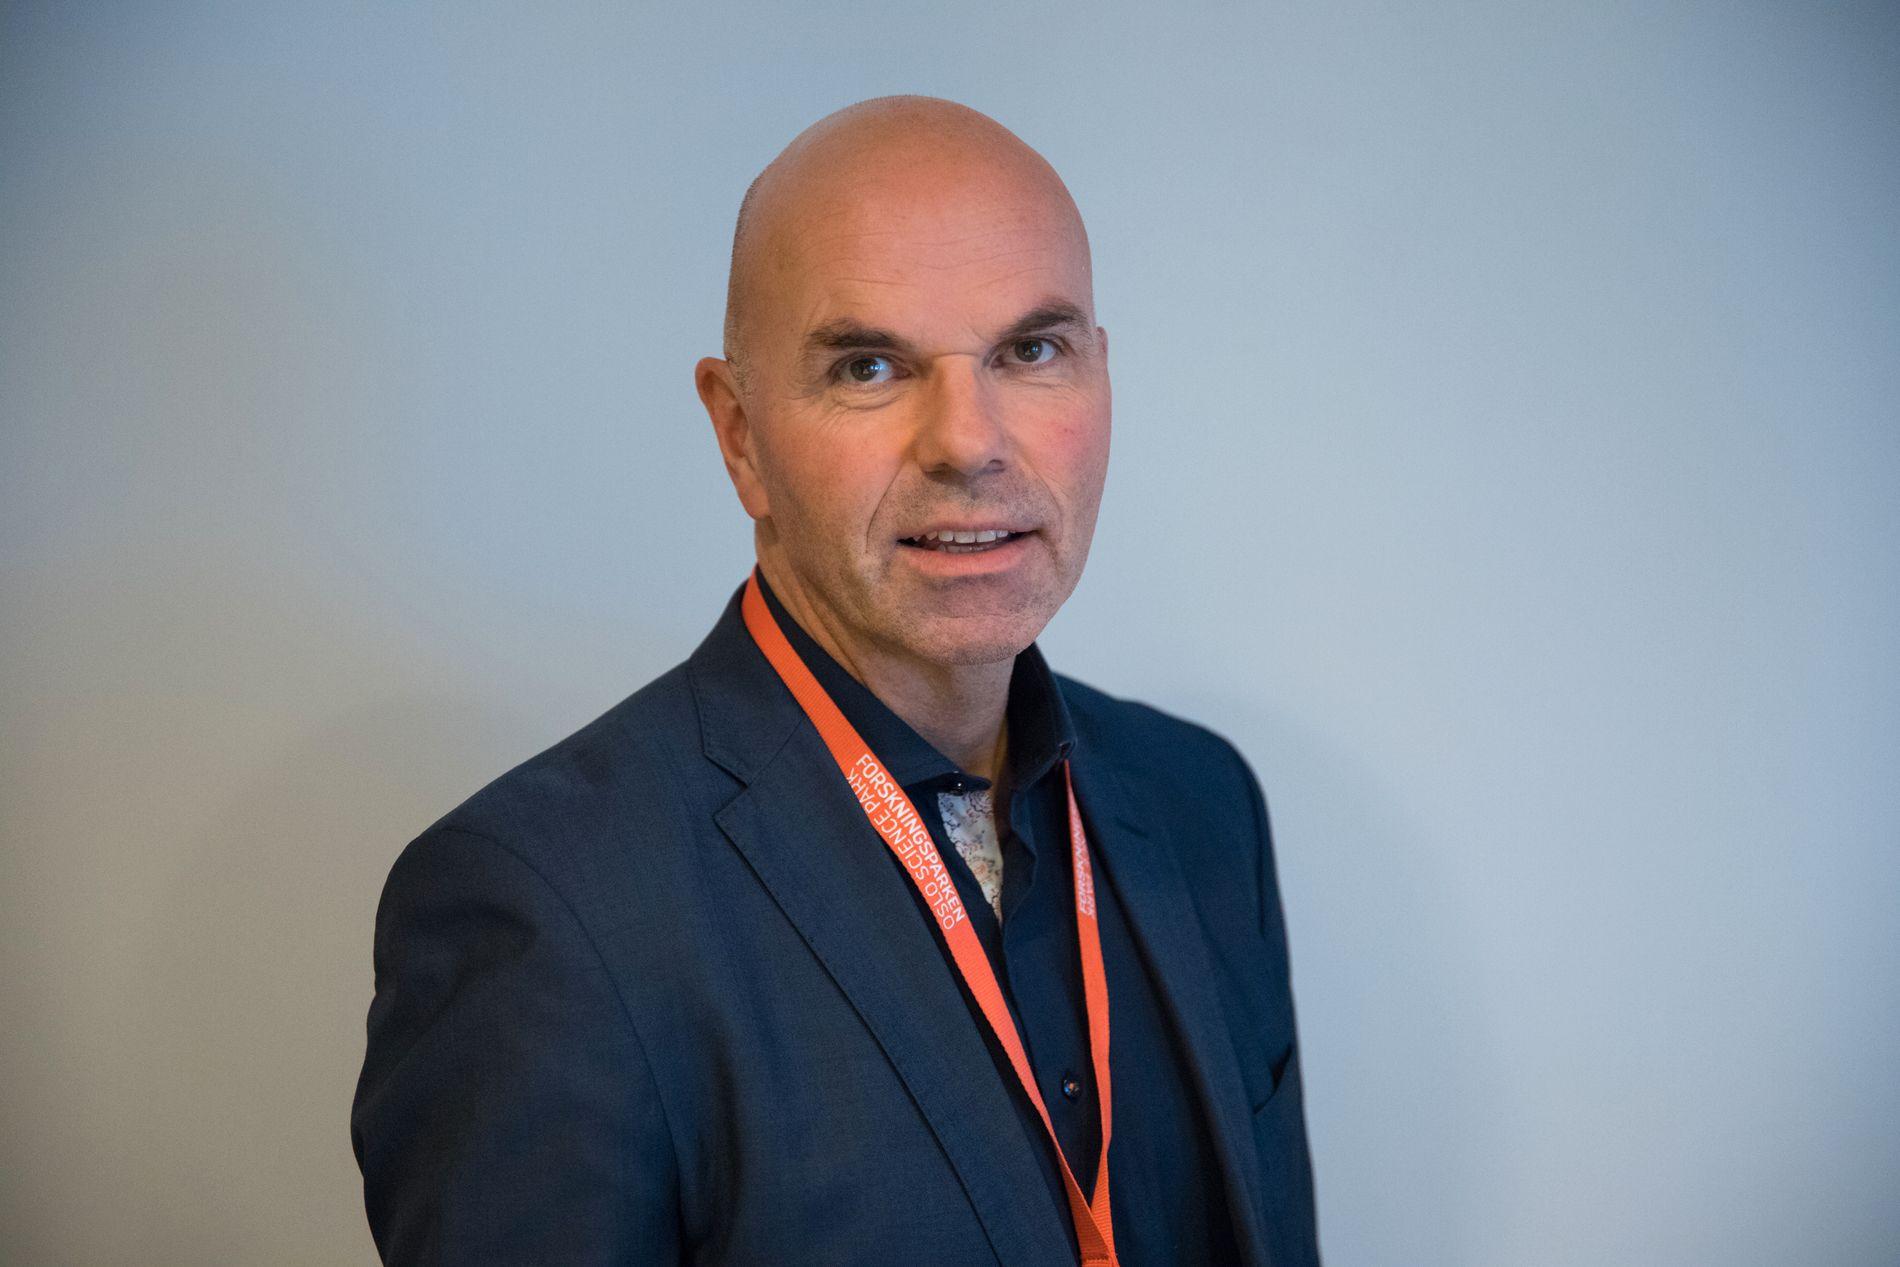 GRANSKER: Erling Grimstad har lang fartstid som etterforsker av økonomisk kriminalitet, samt sjefsstilling i Økokrim. Nå er han privat gransker.